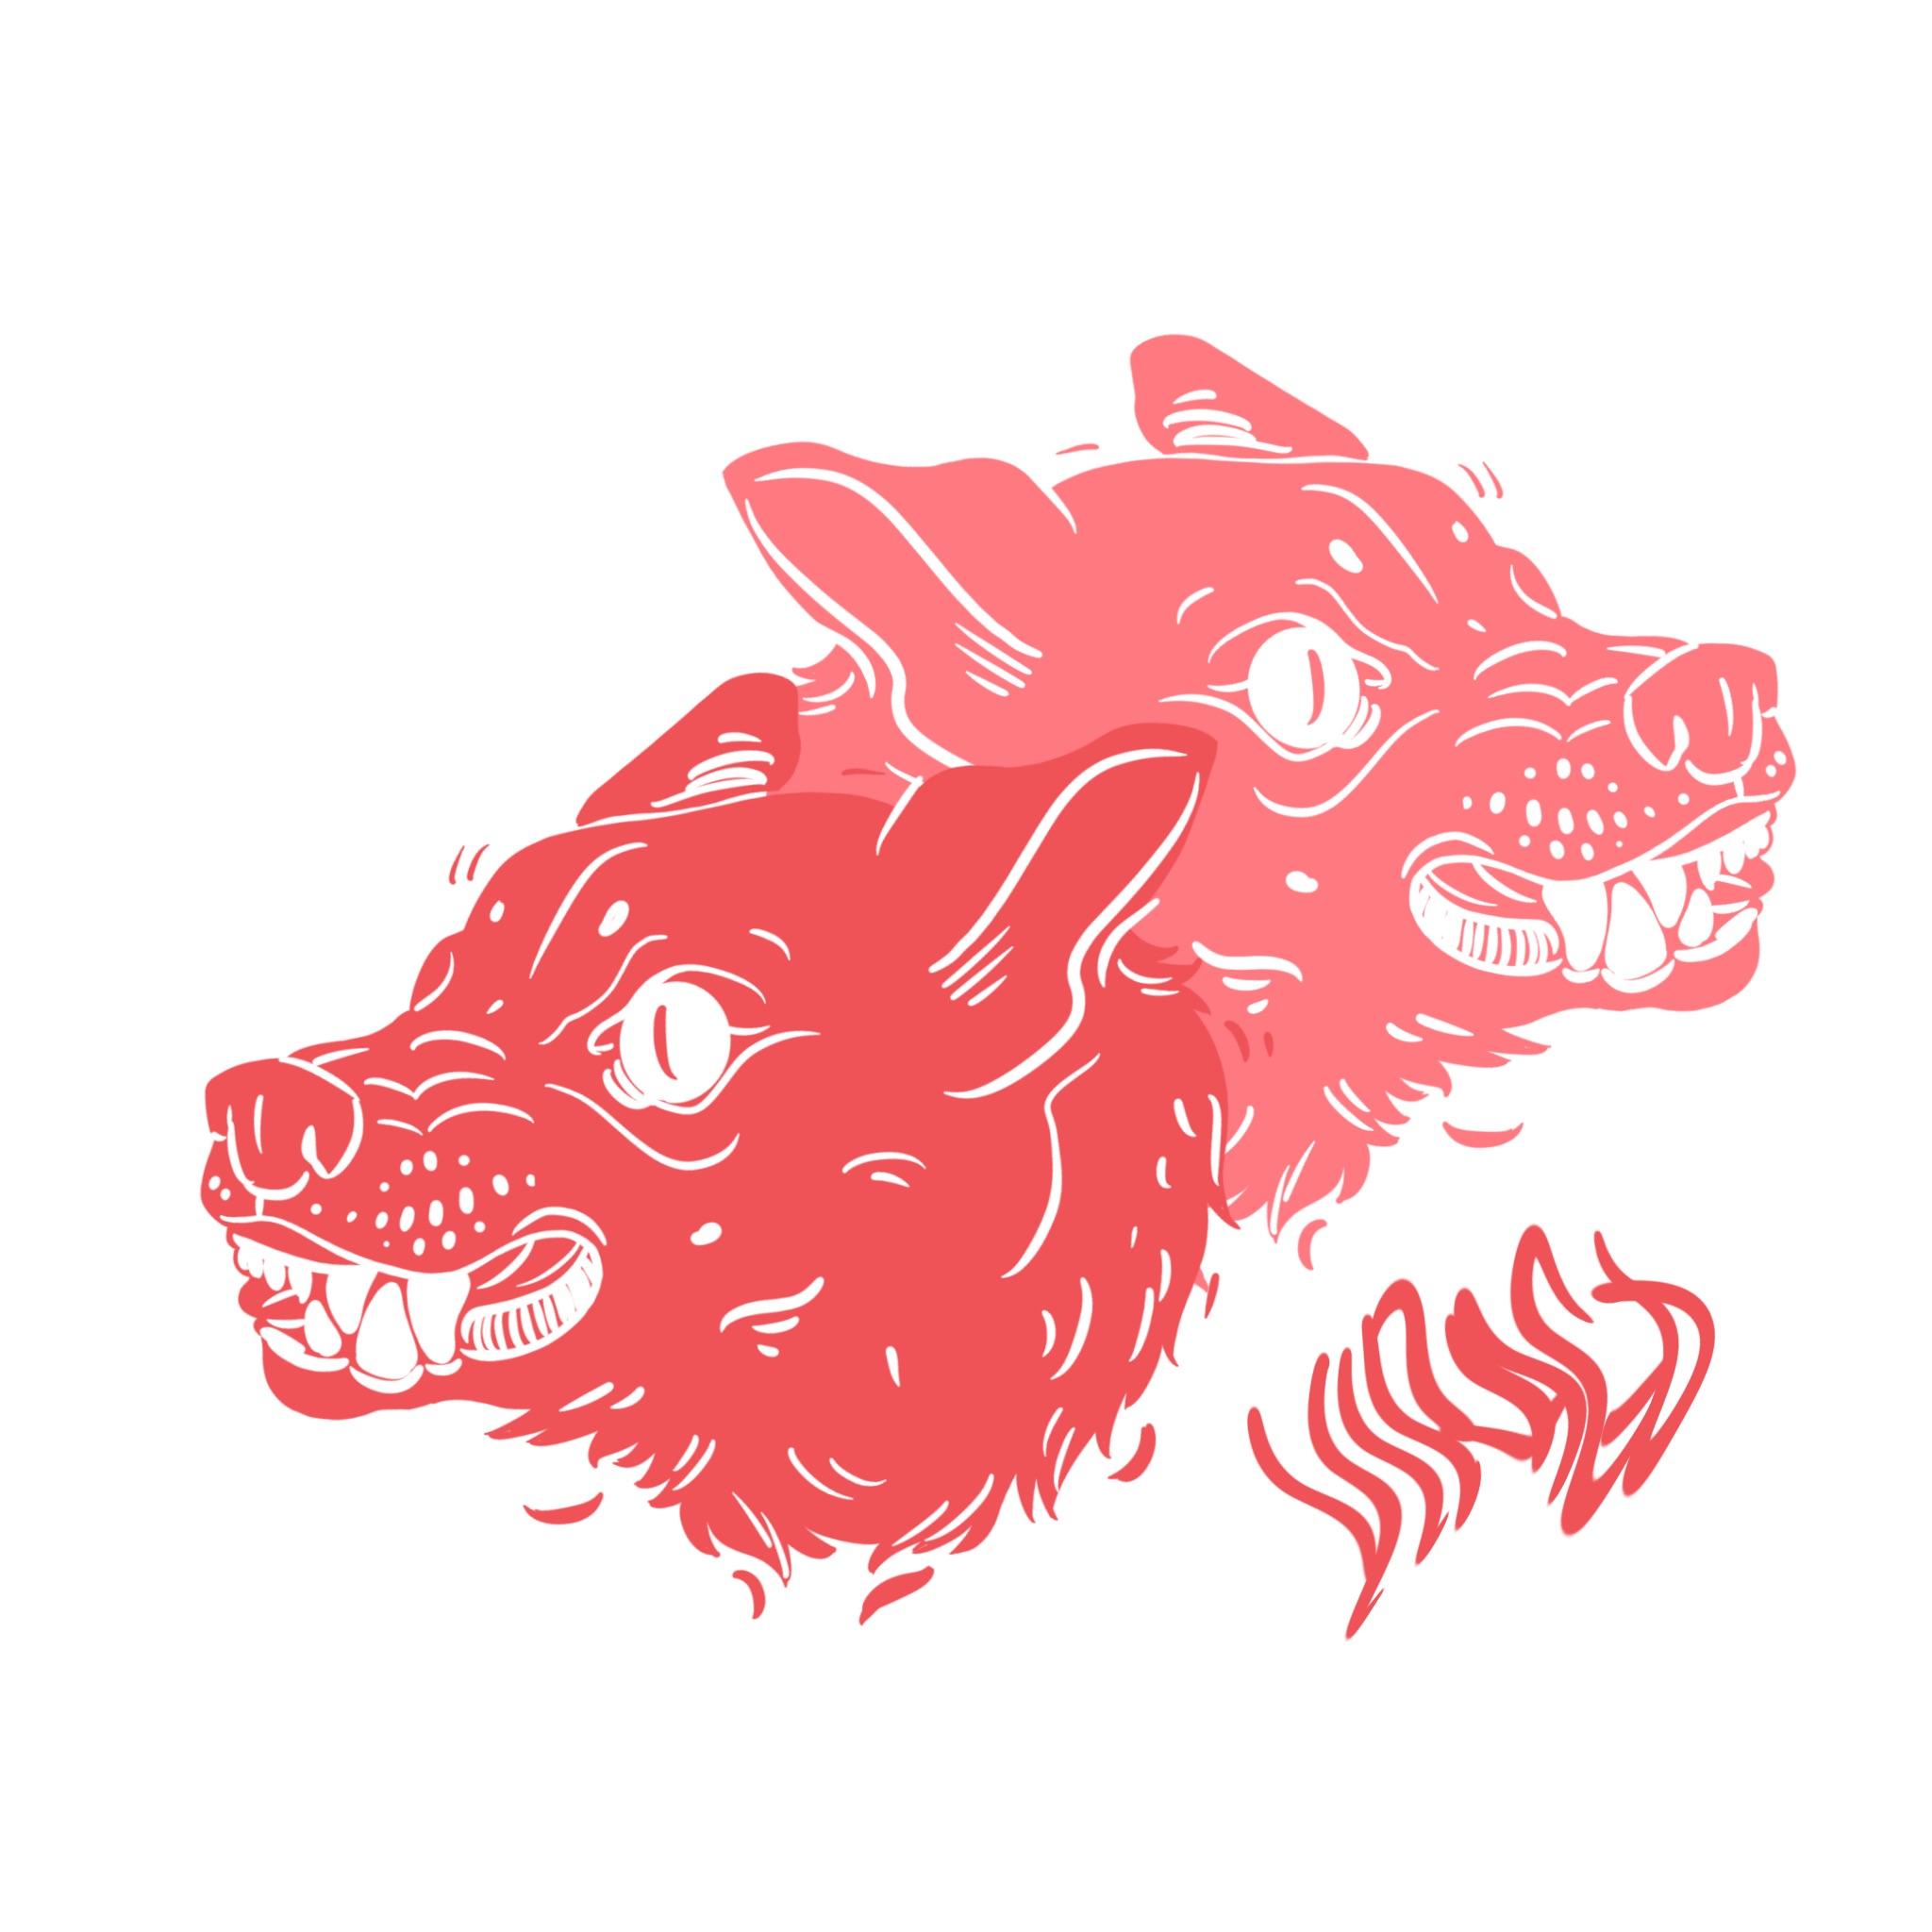 Wolf_2.1